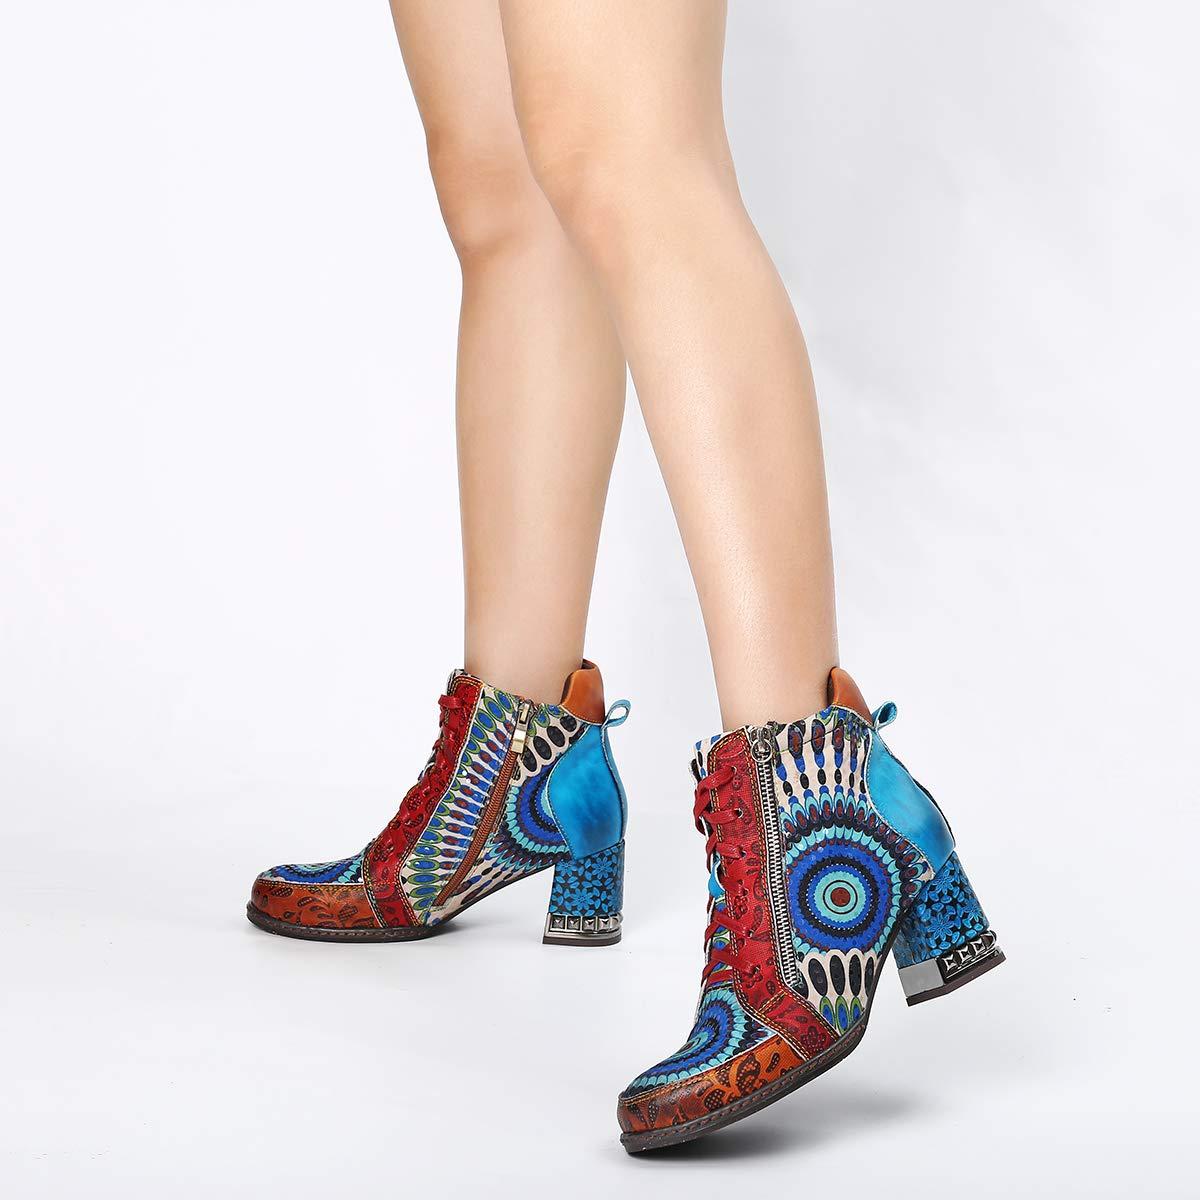 6f958a49d8940d Chaussures Bottes Hiver en Cuir avec Fourrure Chaude à Talons Hauts  Confortables Chaussures de Ville Hiver ...